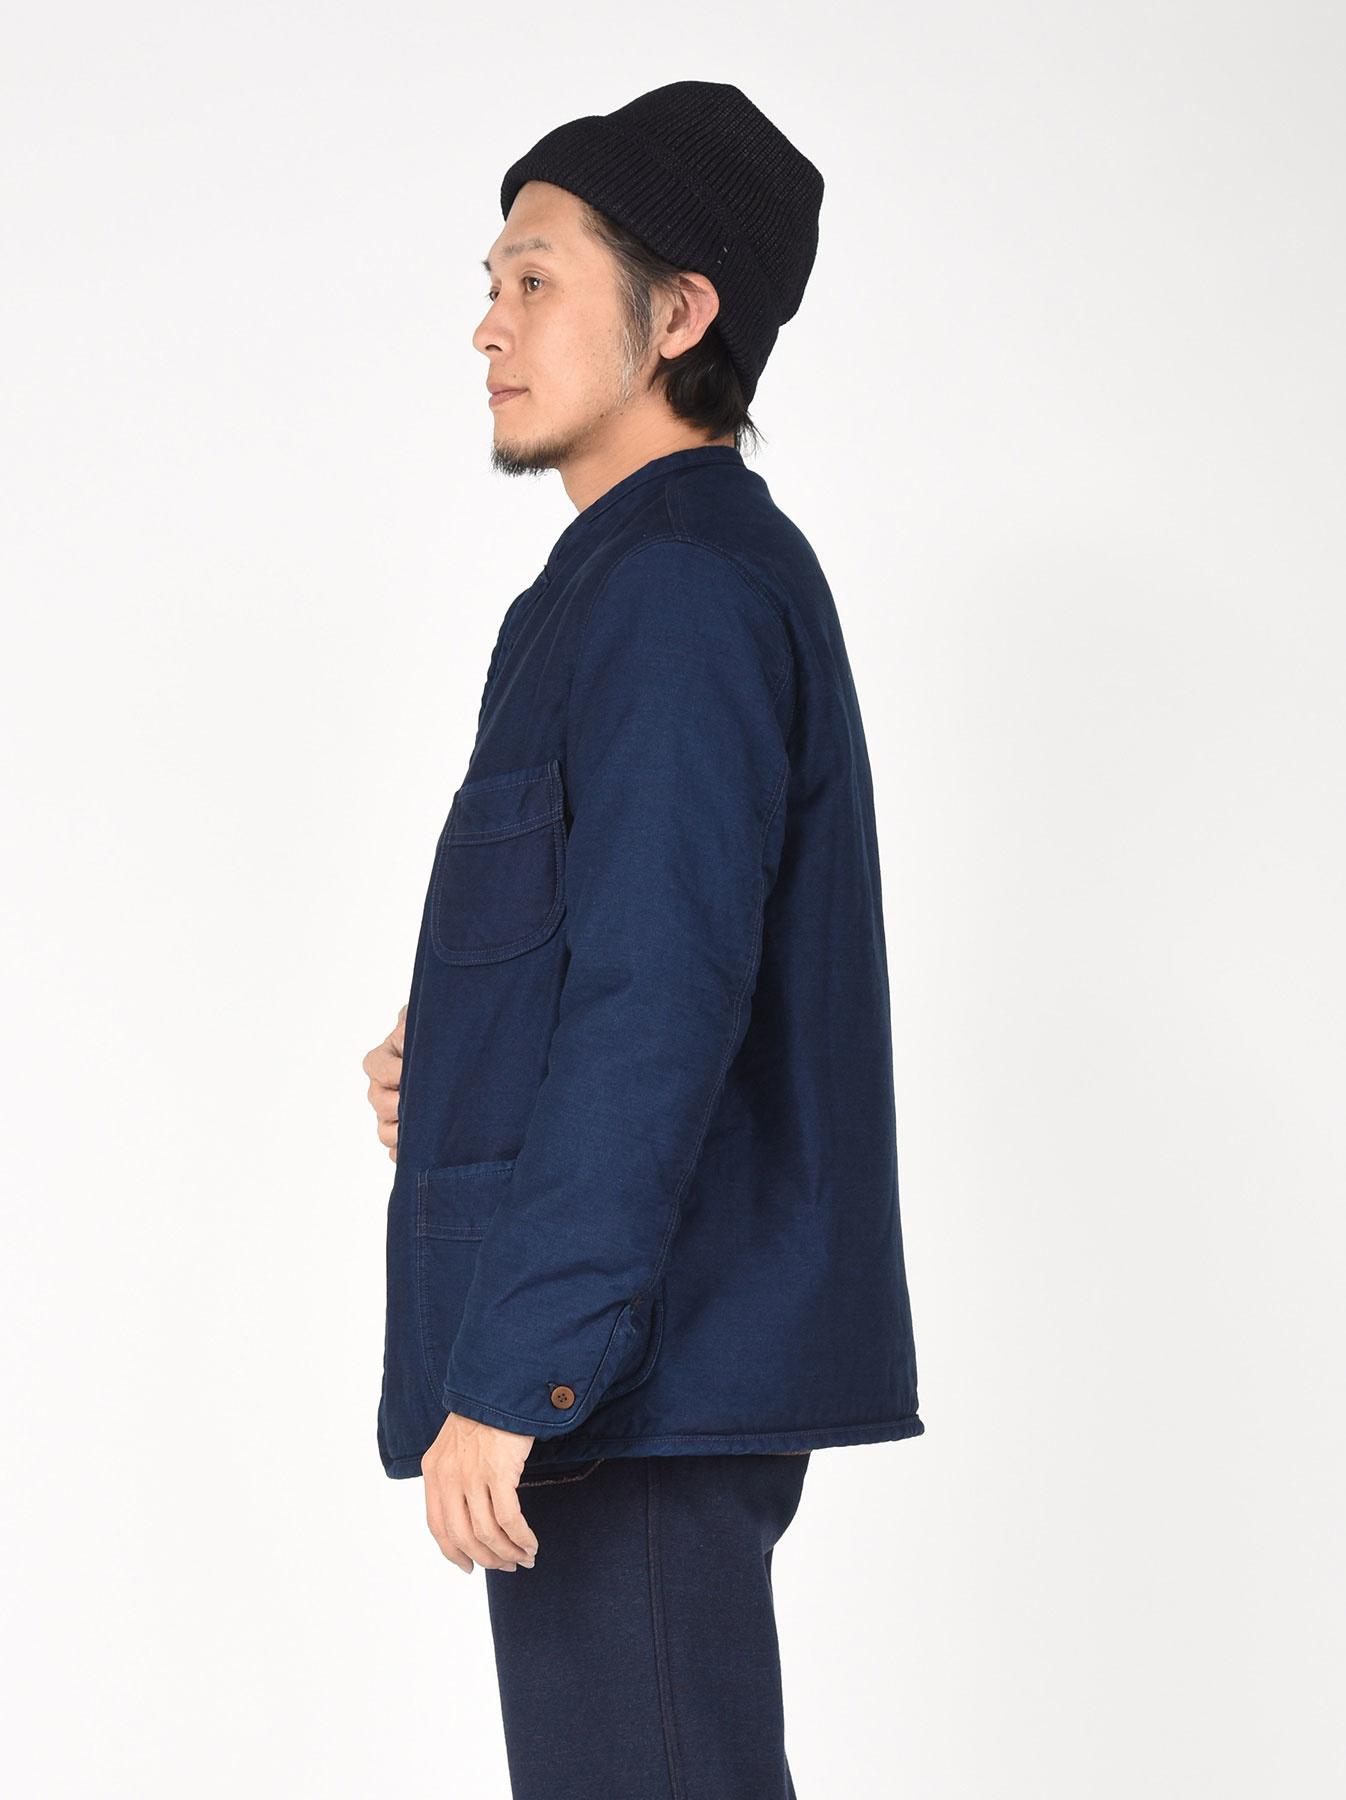 Okome Yoko-shusu Sheep Boa 908 Jacket-6